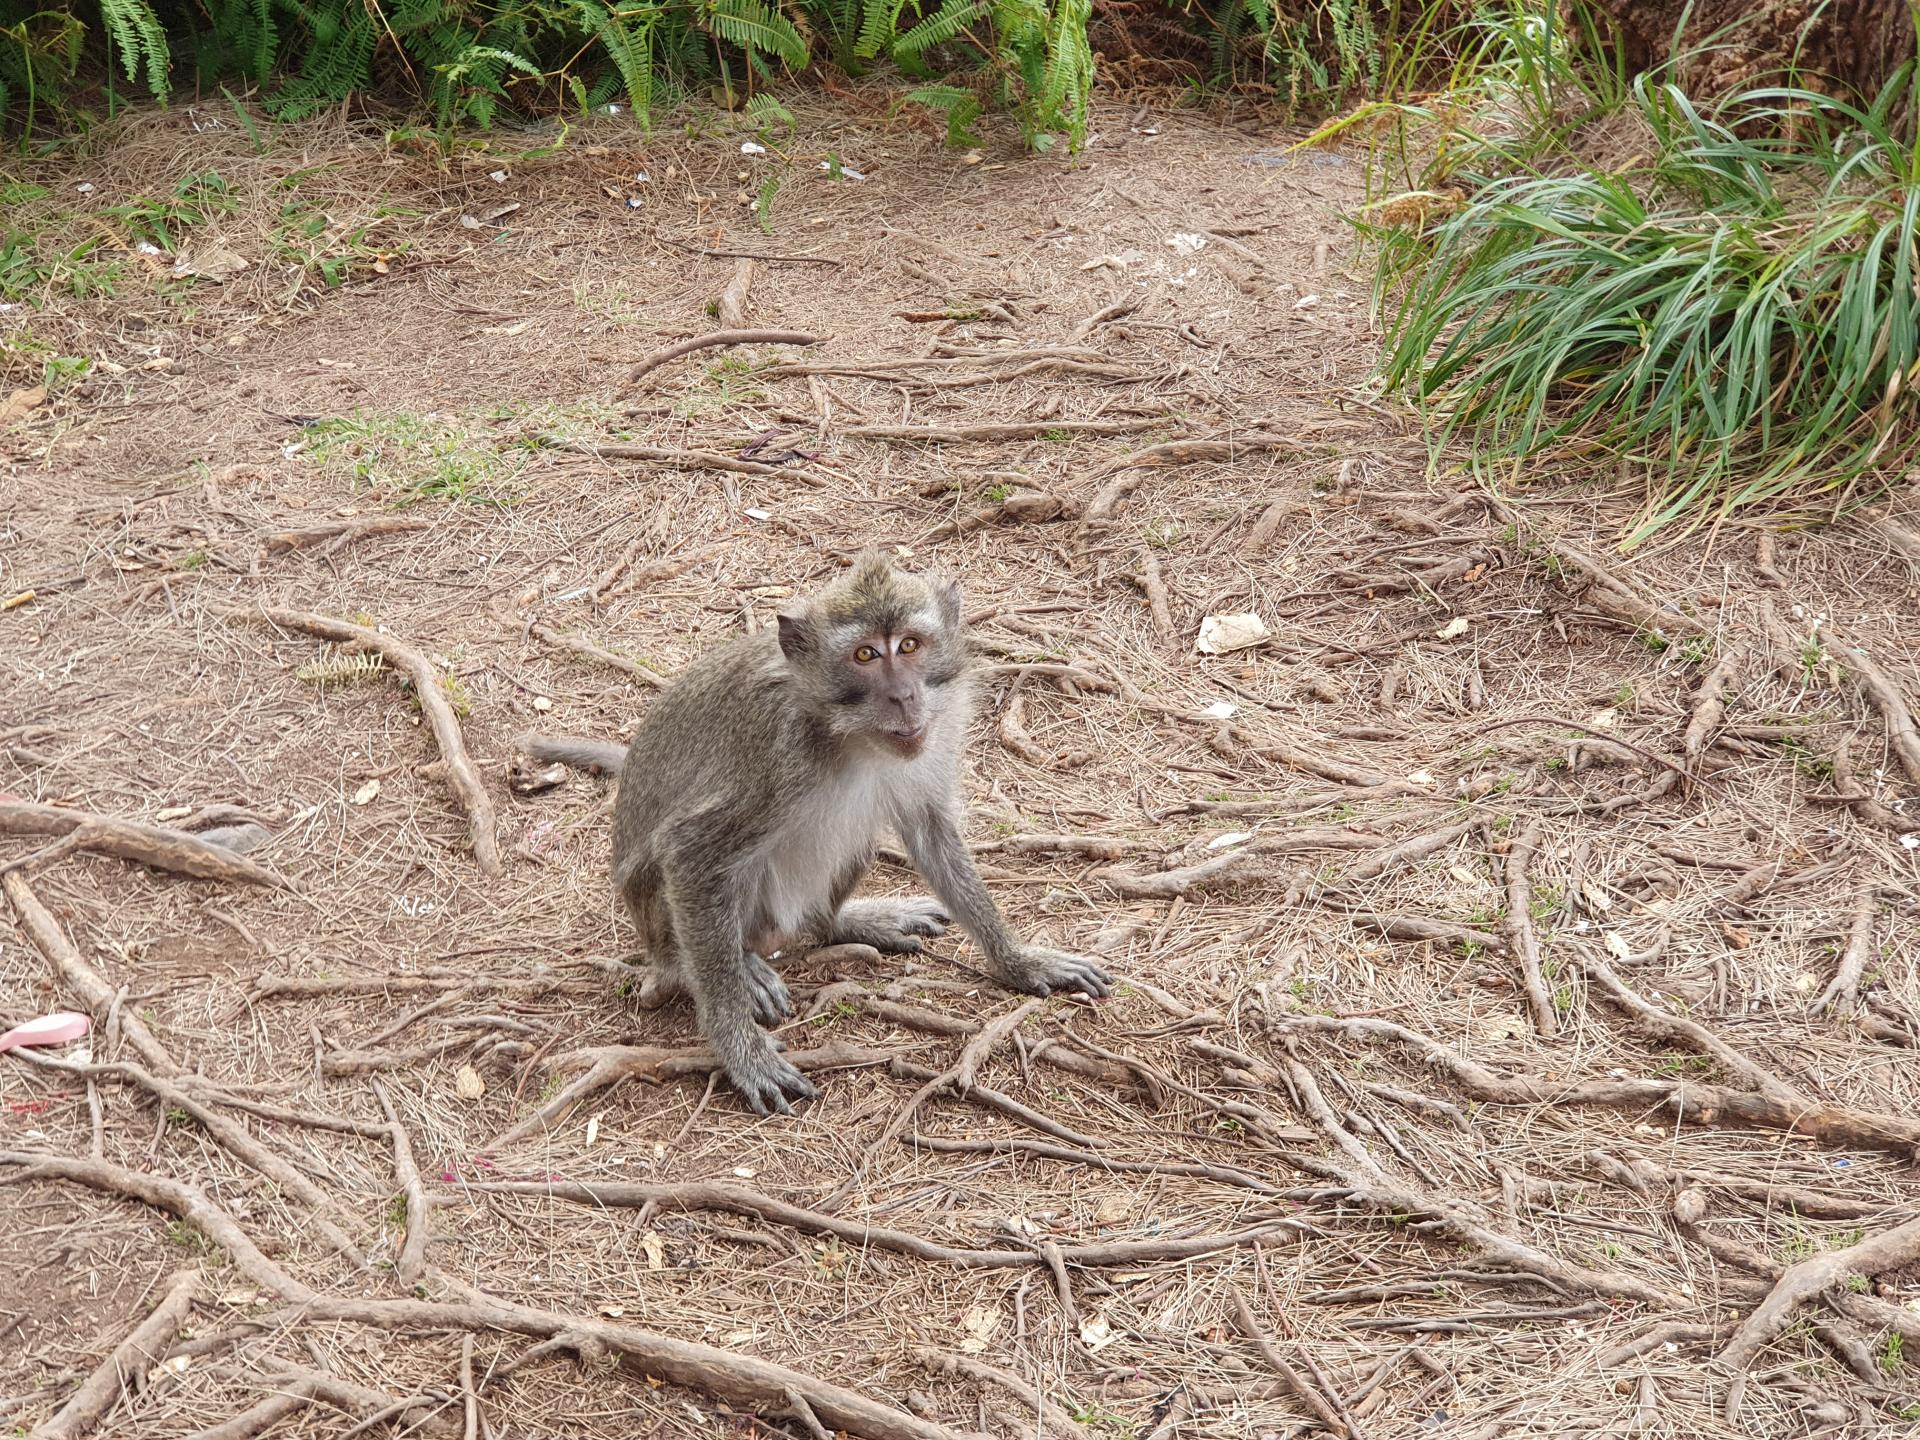 мартышка в Национальном парке Келимуту